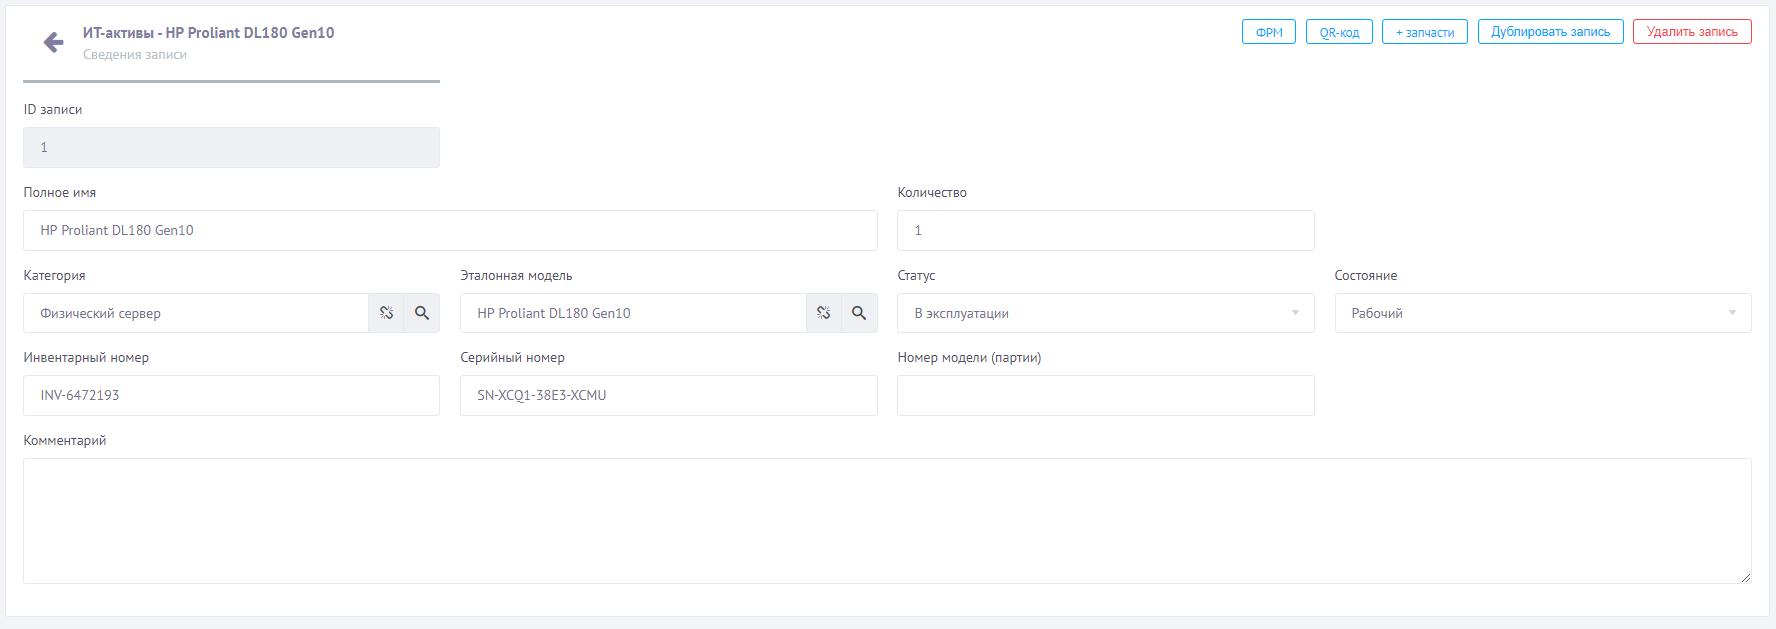 Интерактивный блок с основной информацией об ИТ-активе